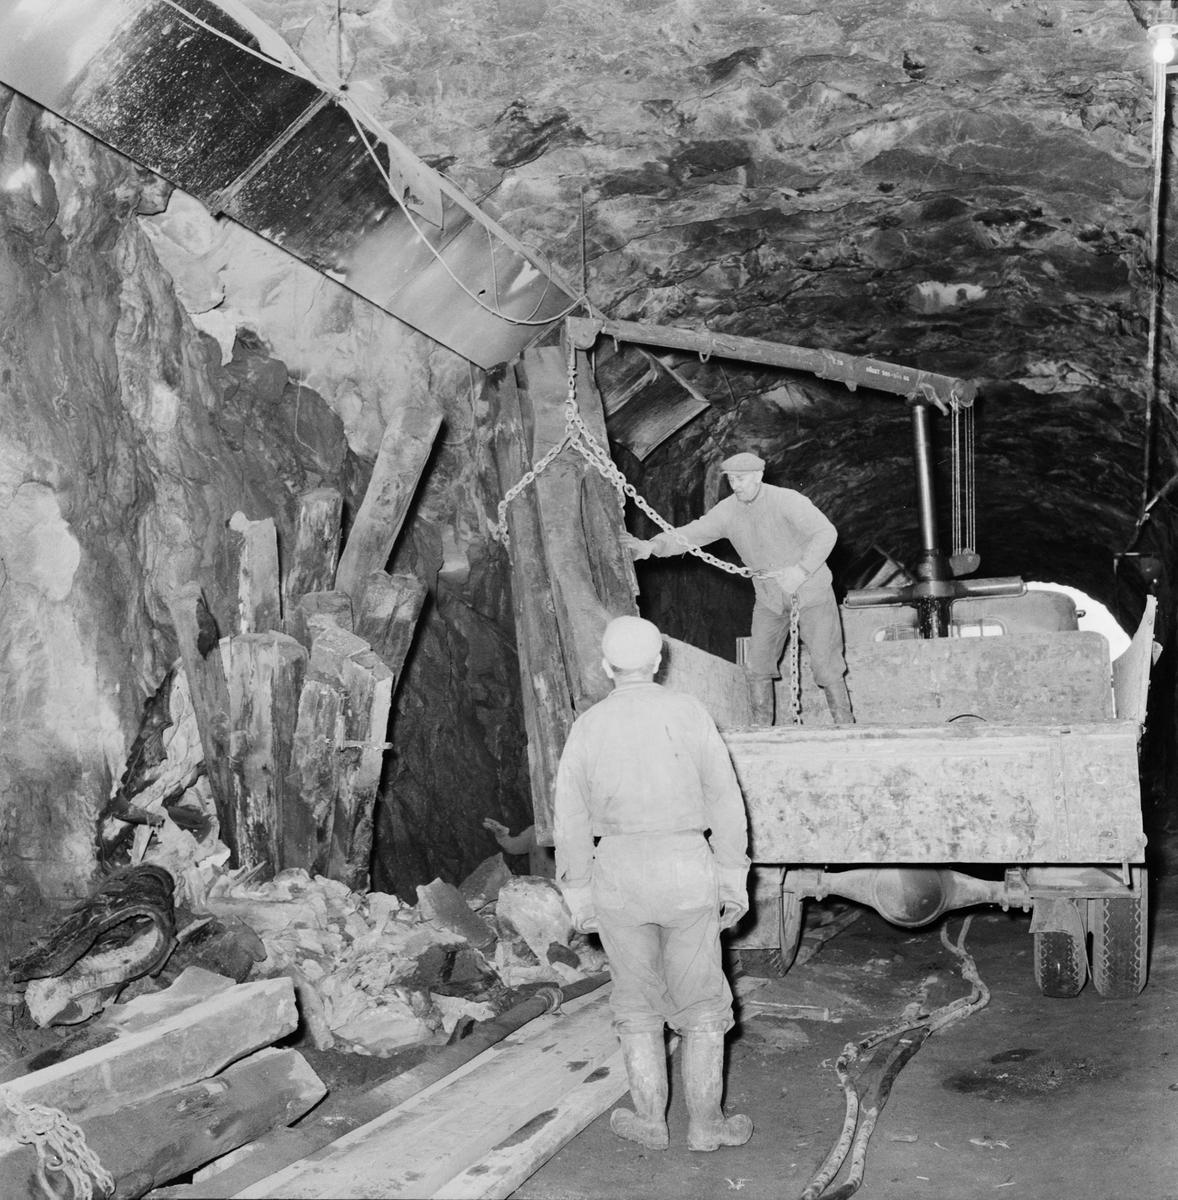 Övrigt: Fotodatum:21/11 1959 Byggnader och Kranar. Järnvägstunneln pågående arbete